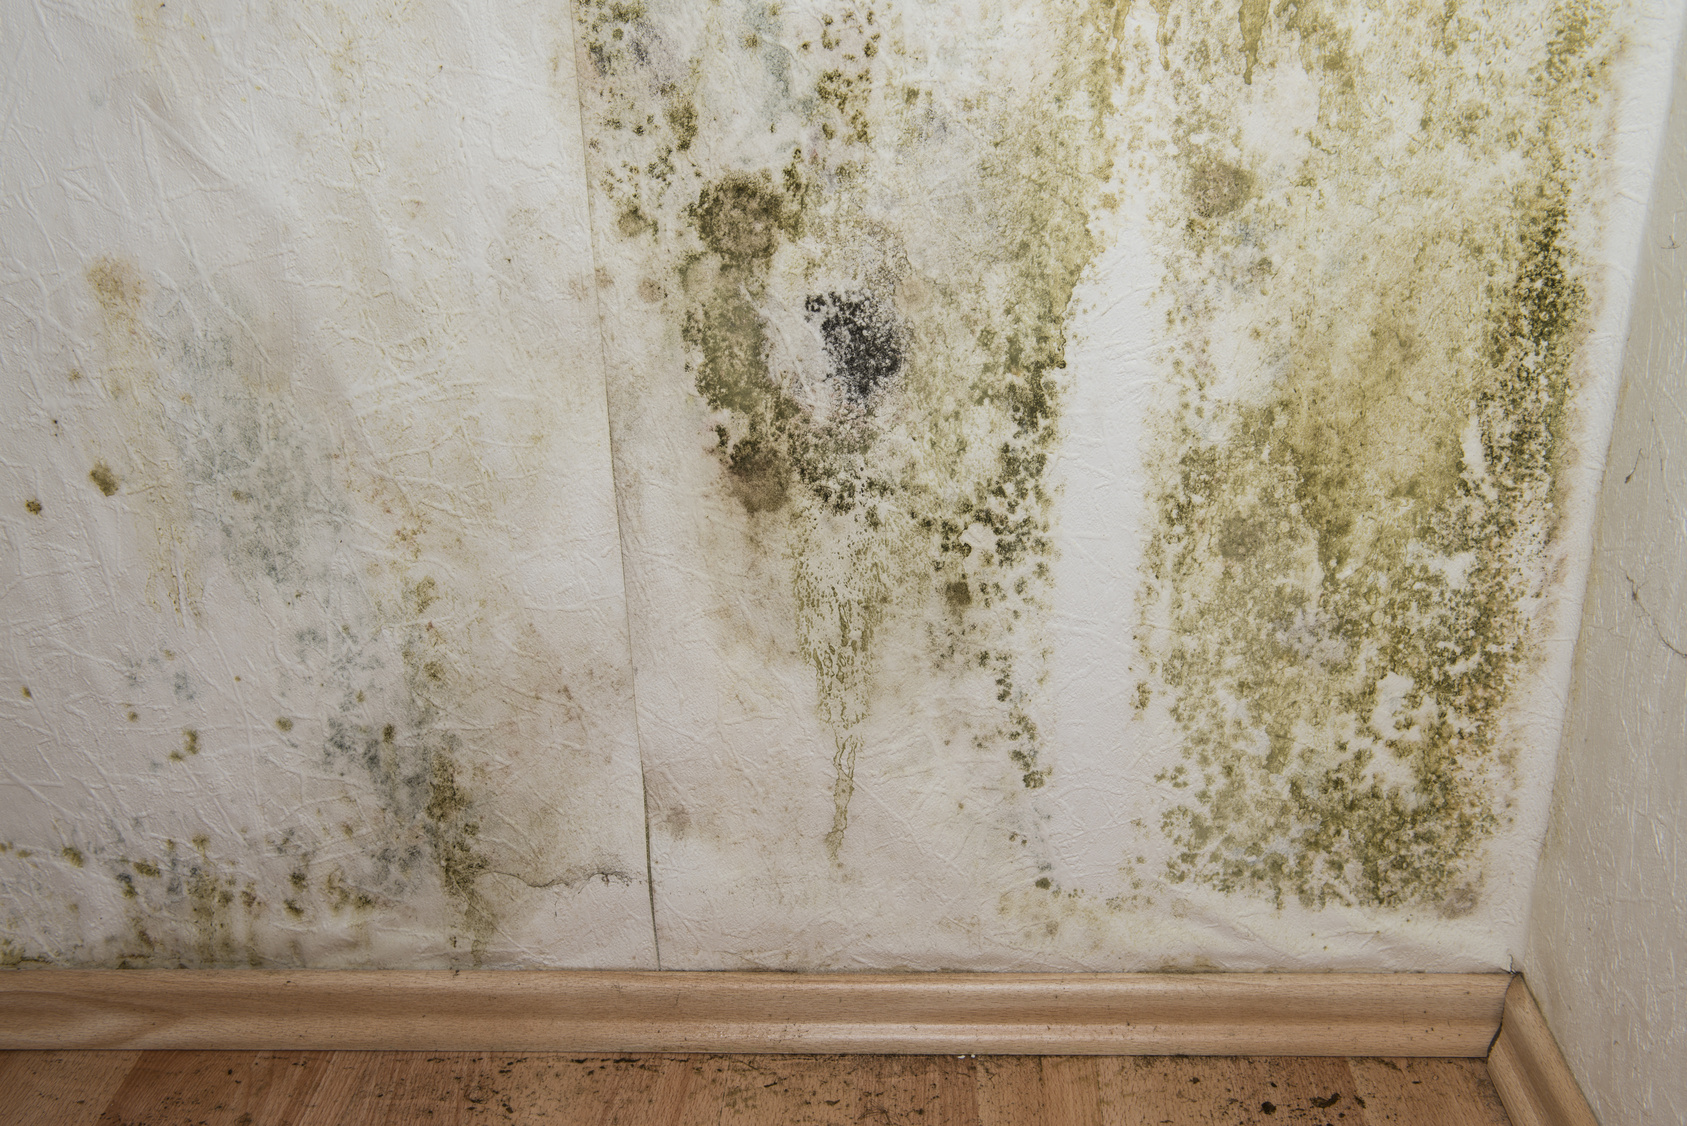 Peinture anti moisissure son prix comment la choisir et for Peinture speciale piece humide